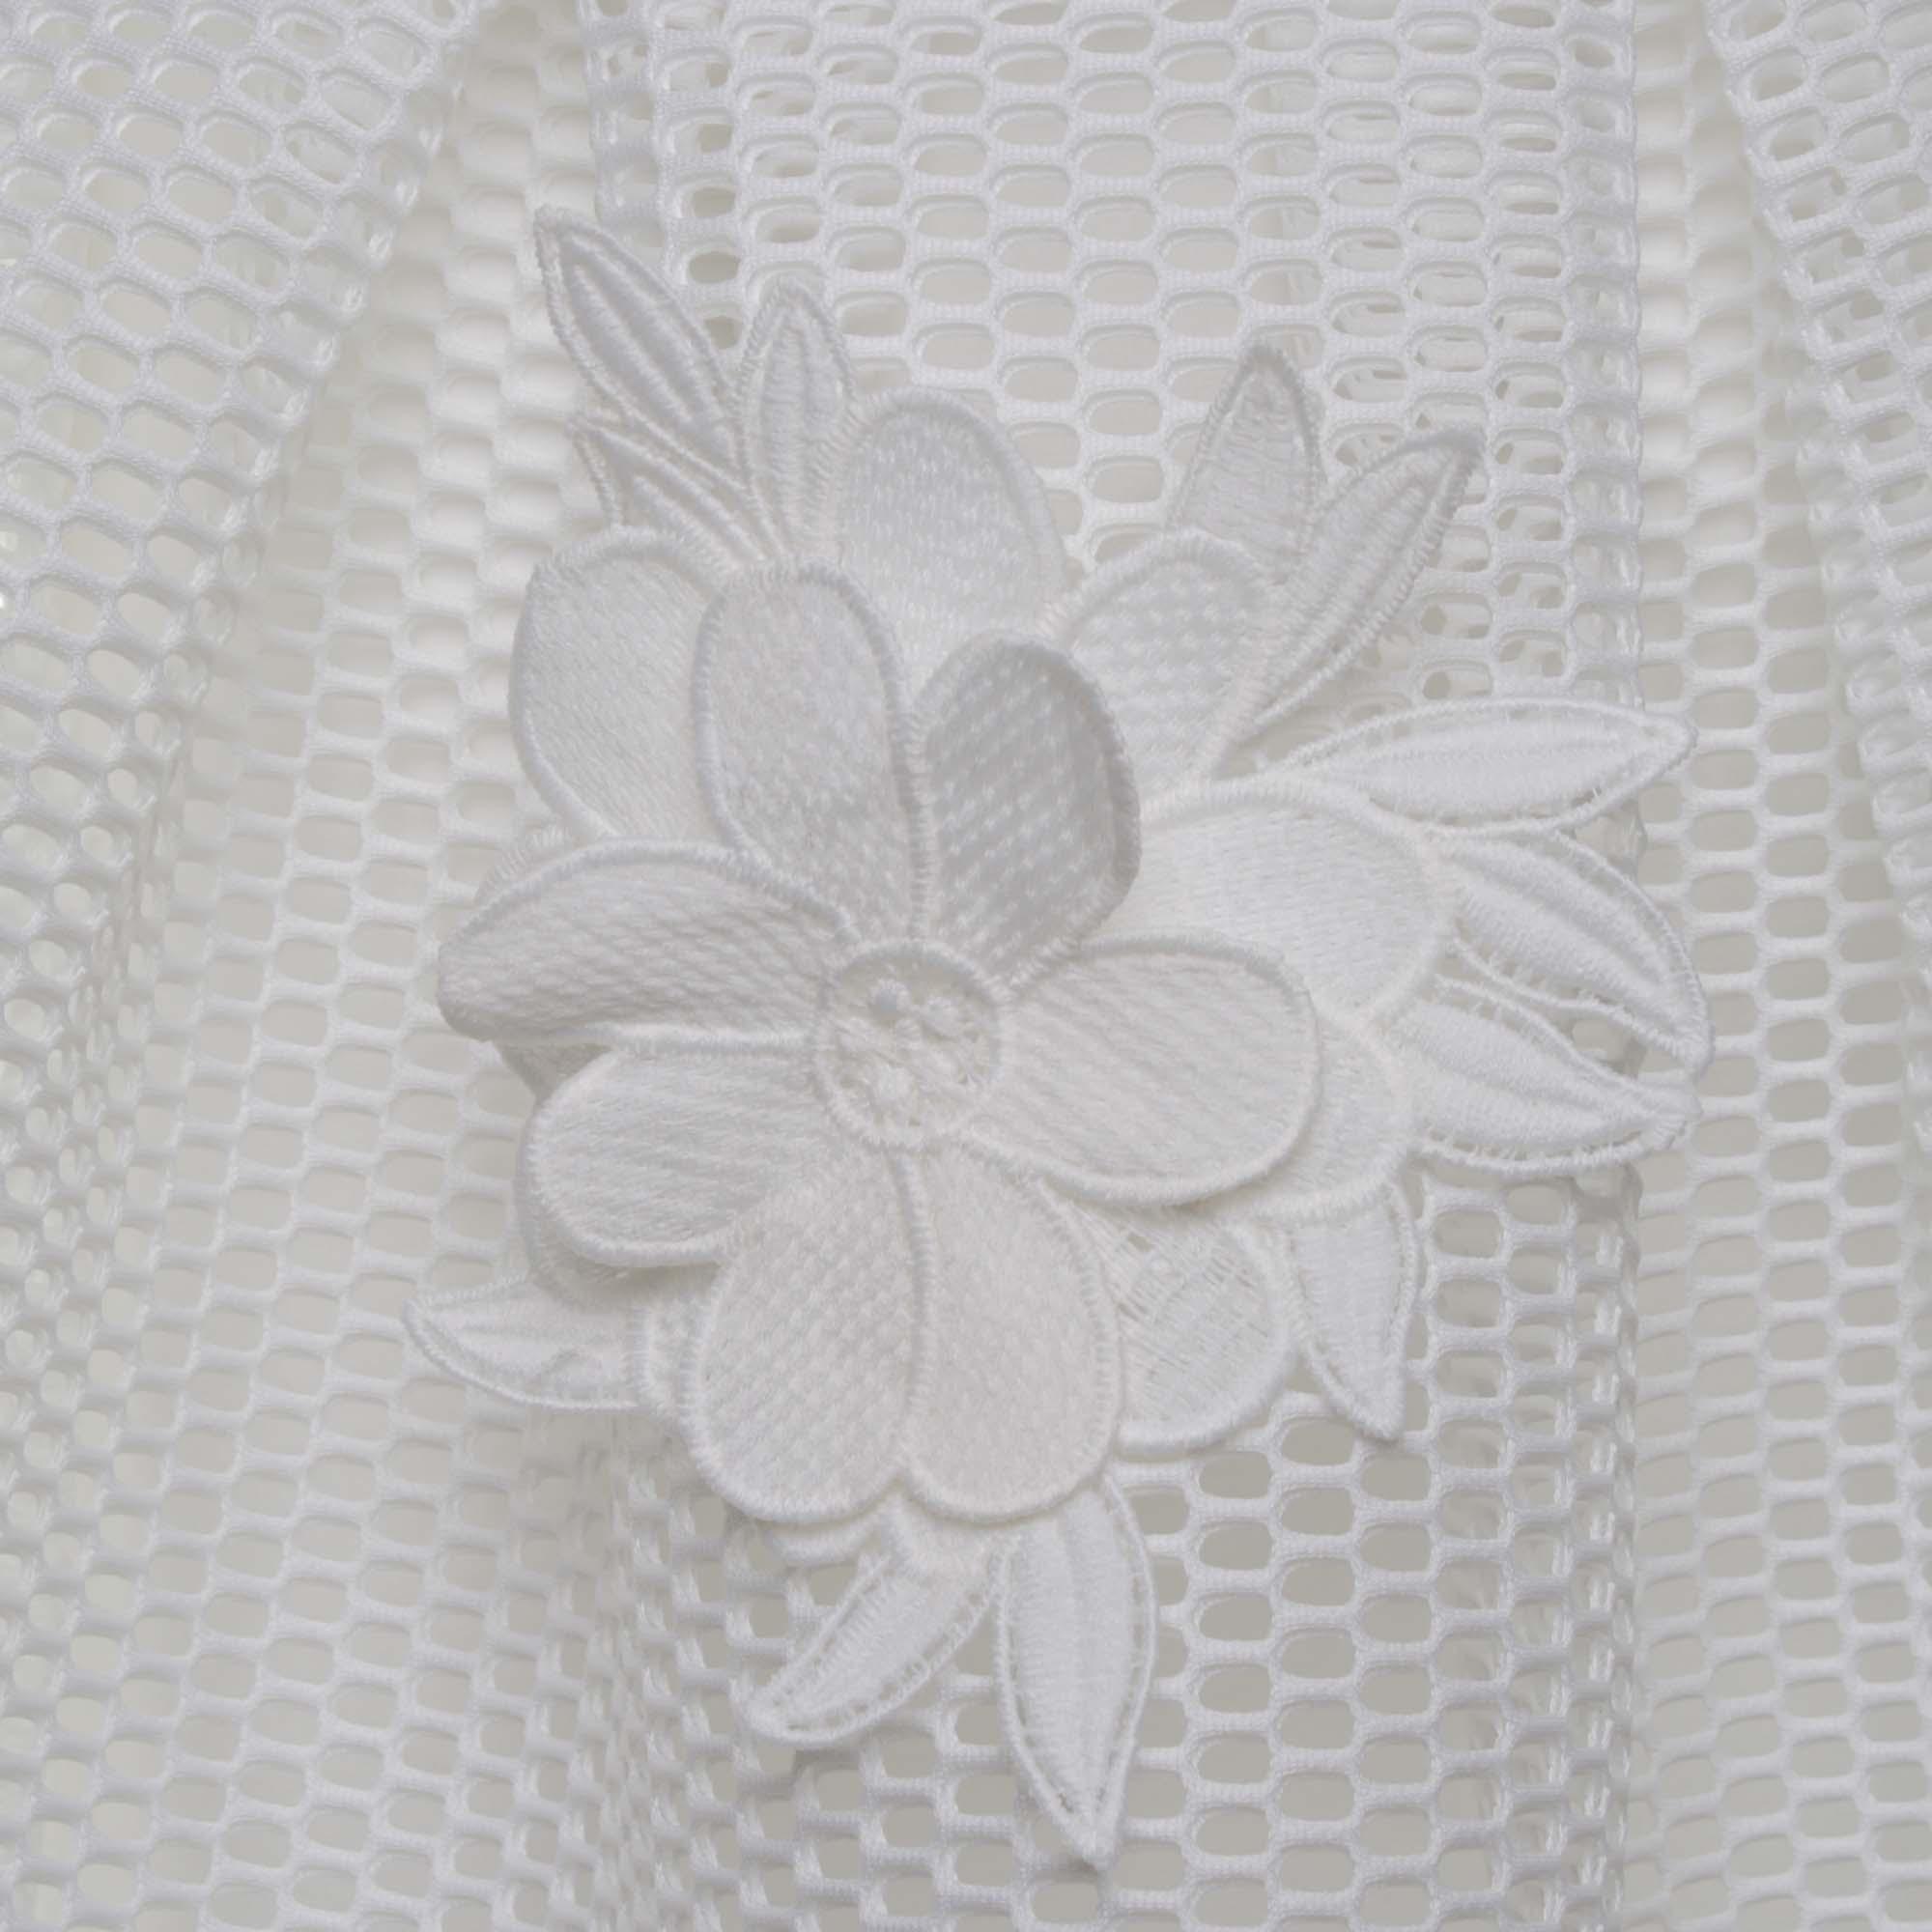 new product 46ff6 d5ff7 Abito Bambina Scamiciato Cerimonia Bianco